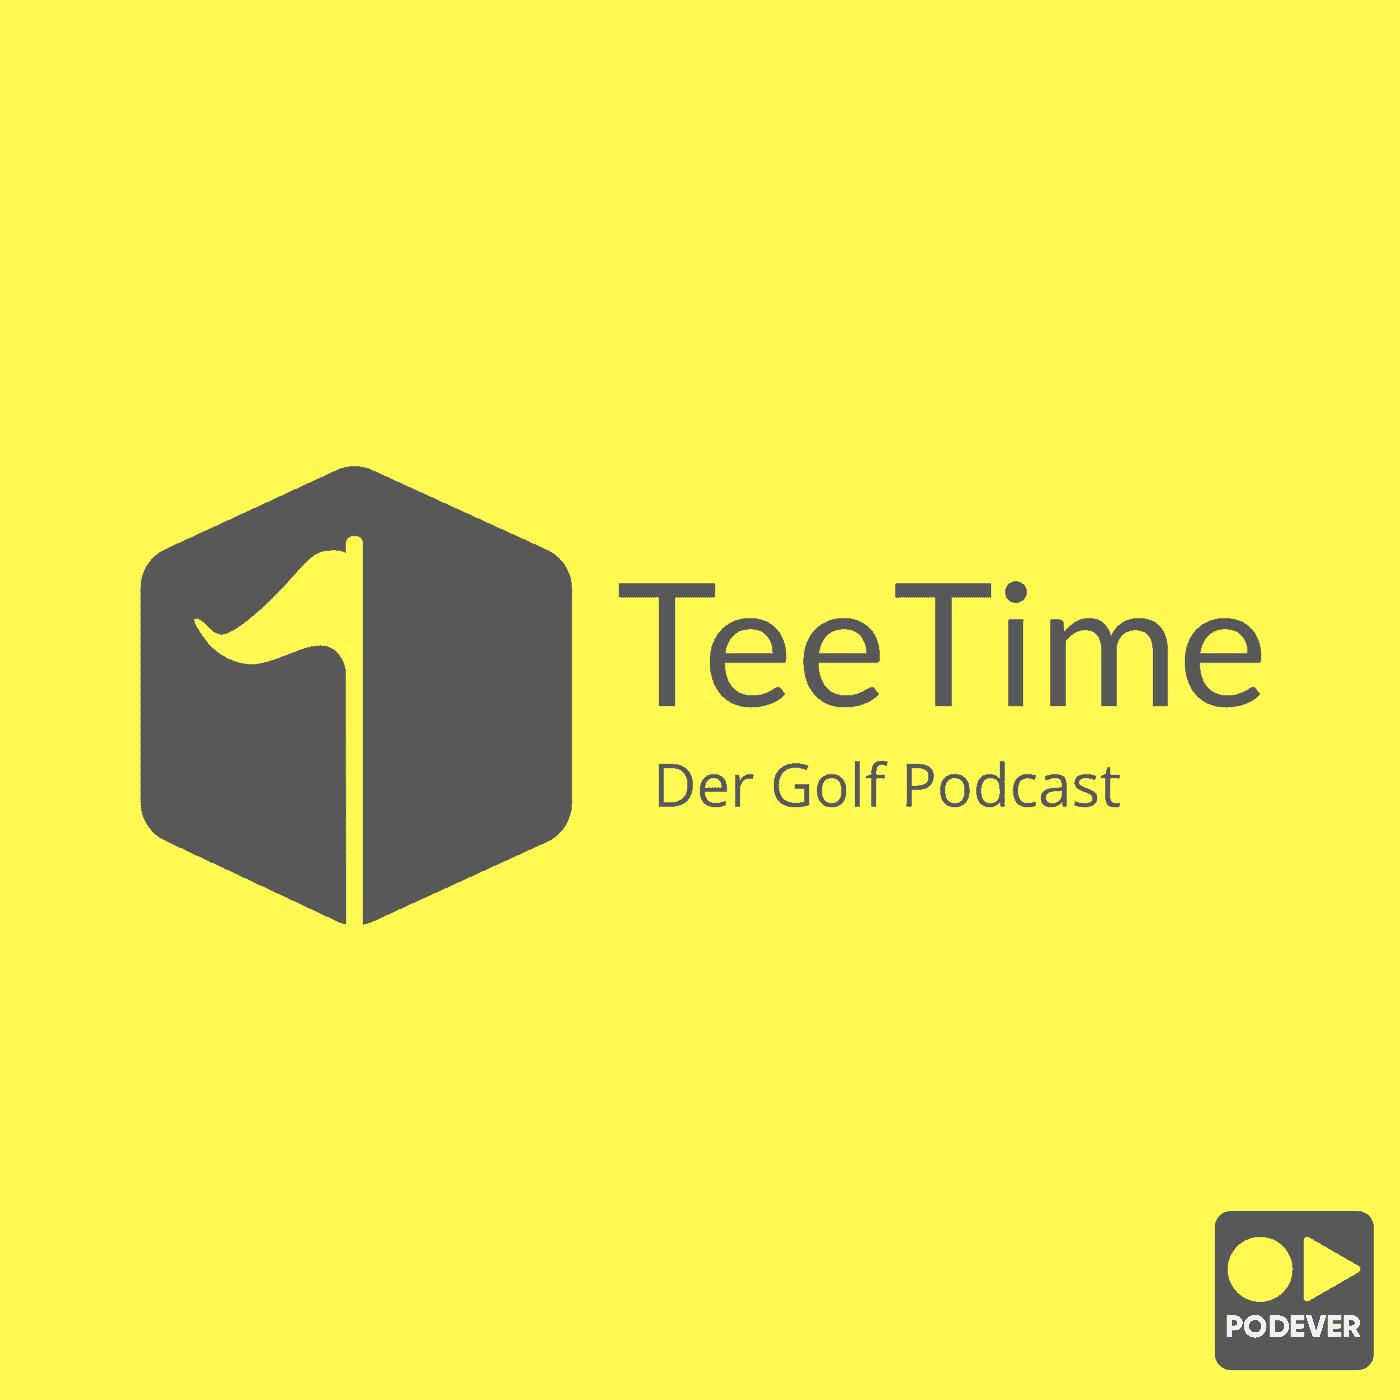 Tee Time - Der Golf Podcast / Eine Produktion von Podever